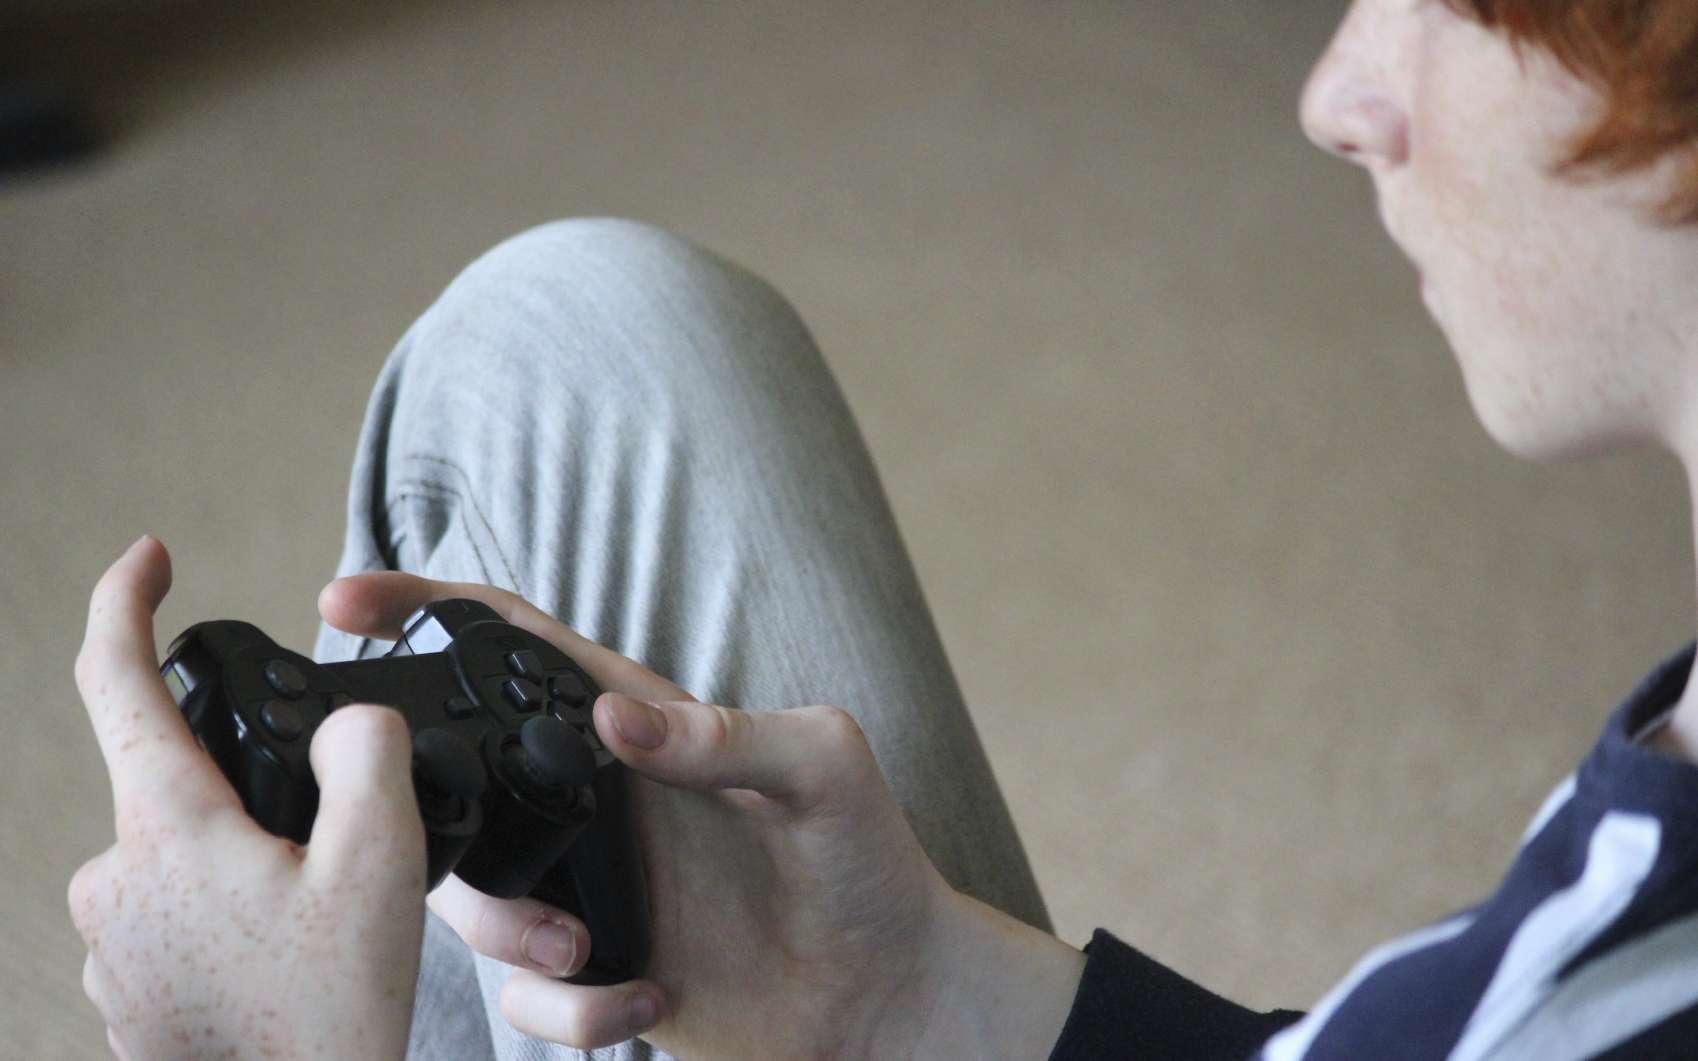 Des chercheurs américains ont observé une hyperconnexion neuronale chez les dépendants aux jeux vidéo. © mtreasure, Istock.com